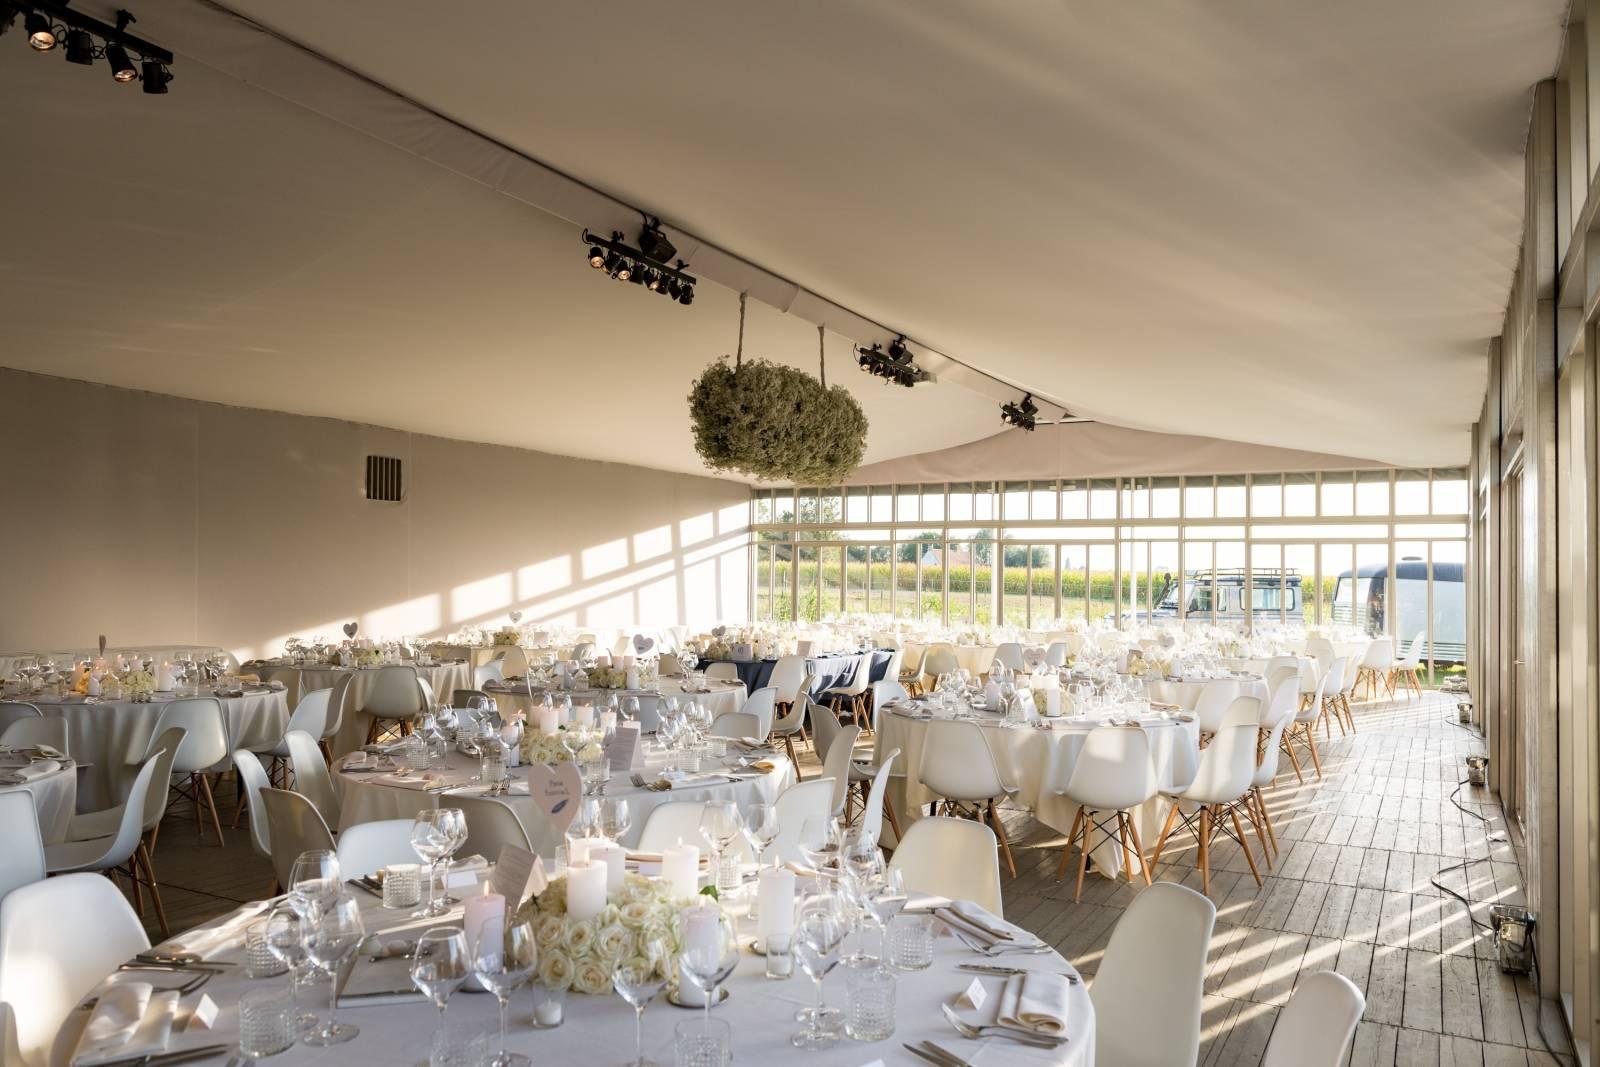 Chou Fleur - Bloemist - Fotograaf Studiovision Fotografie LiesbethDavid - House of Weddings (7) (Aangepast)